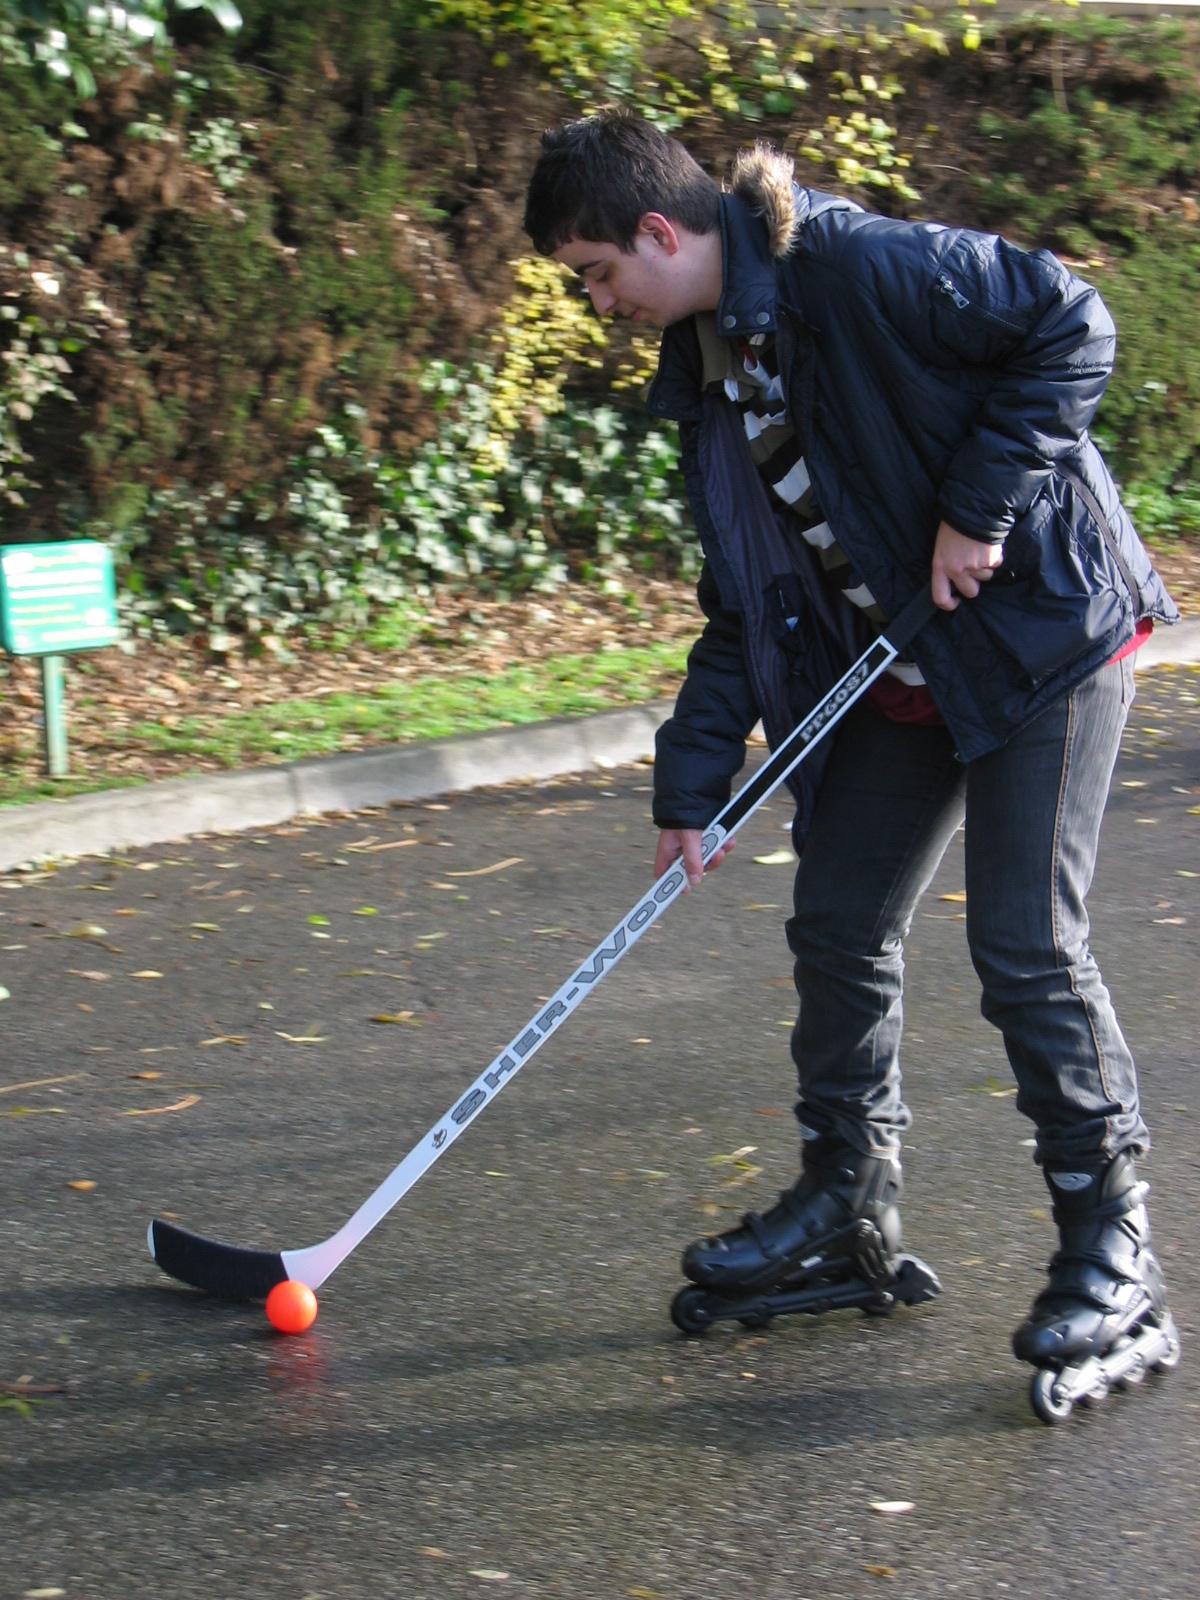 Un jeune en situation de handicap qui pratique un sport adapté